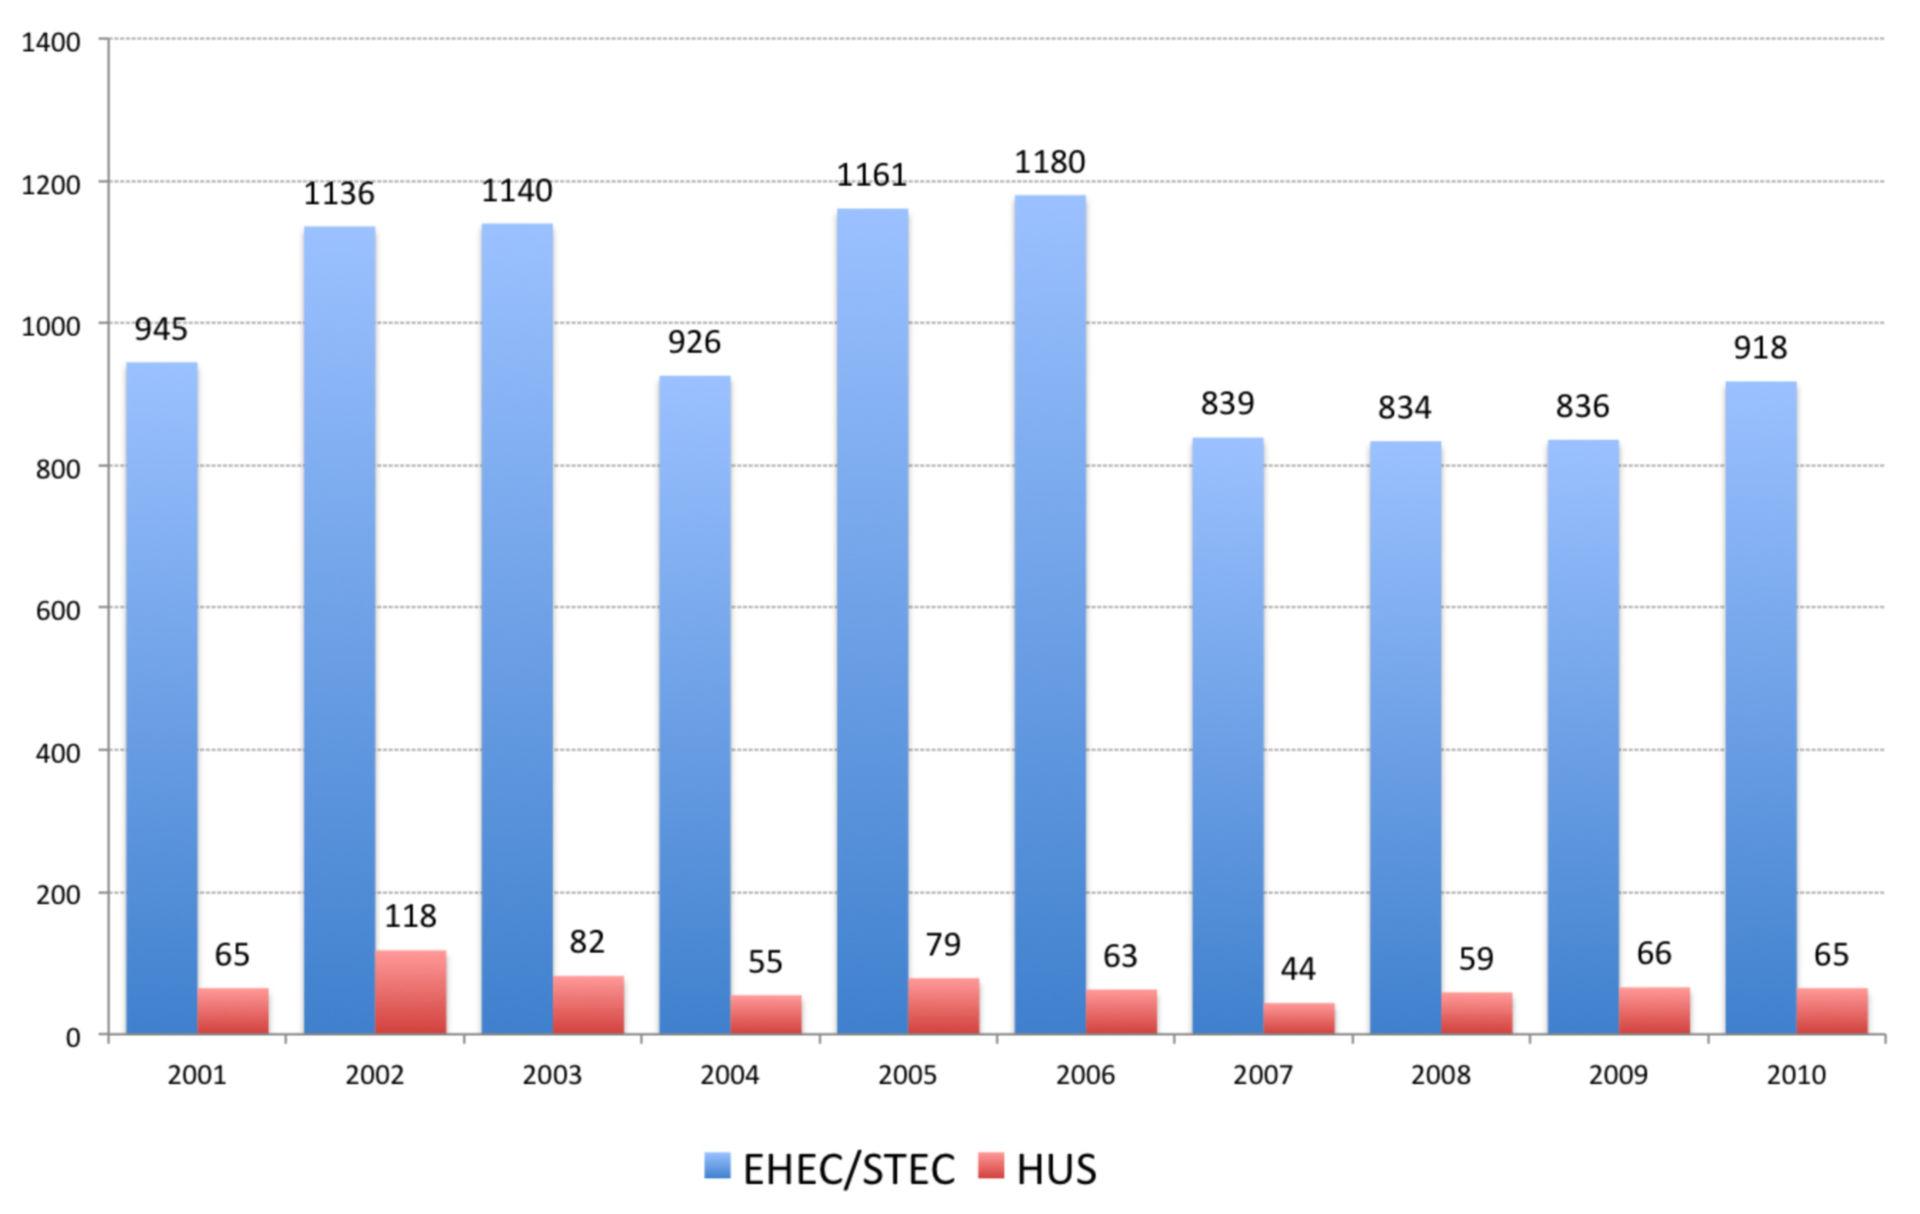 EHEC/STEC and HUS cases 2001-2010